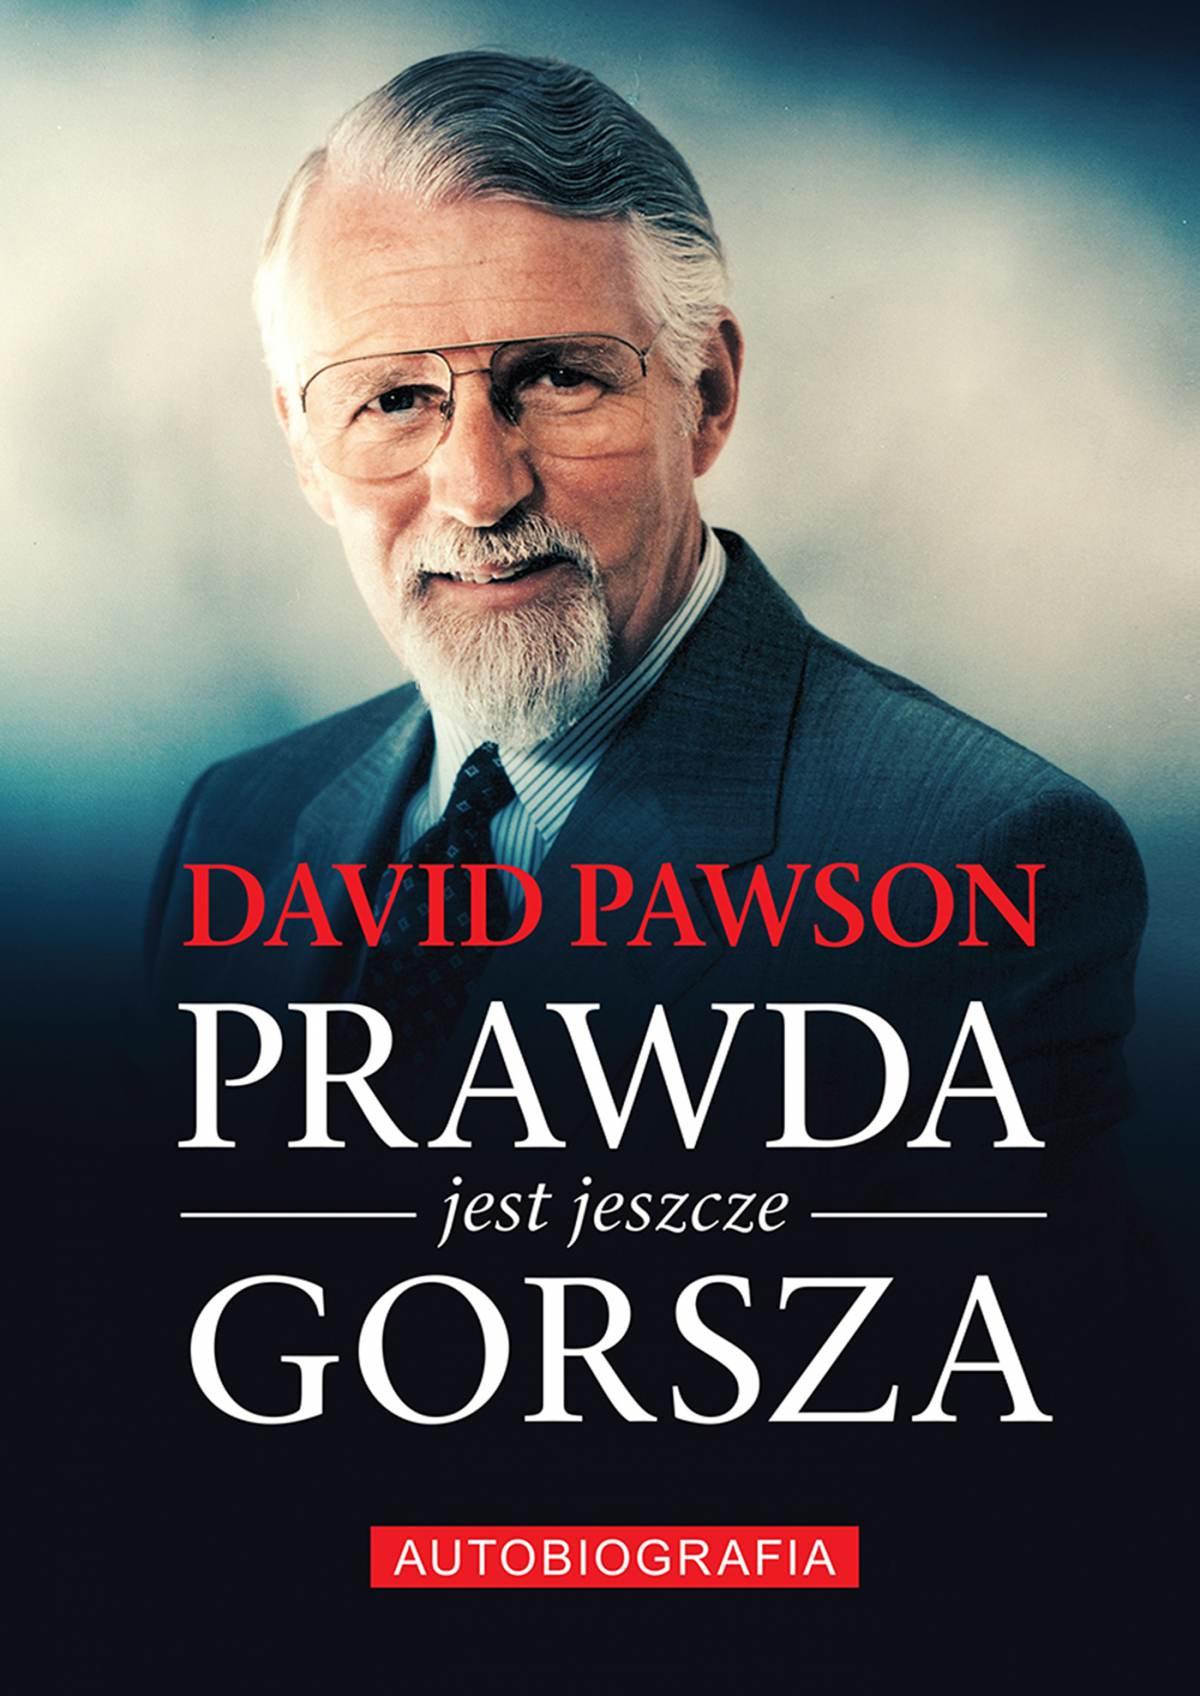 Prawda jest jeszcze gorsza David Pawson Biografia - Ebook (Książka EPUB) do pobrania w formacie EPUB